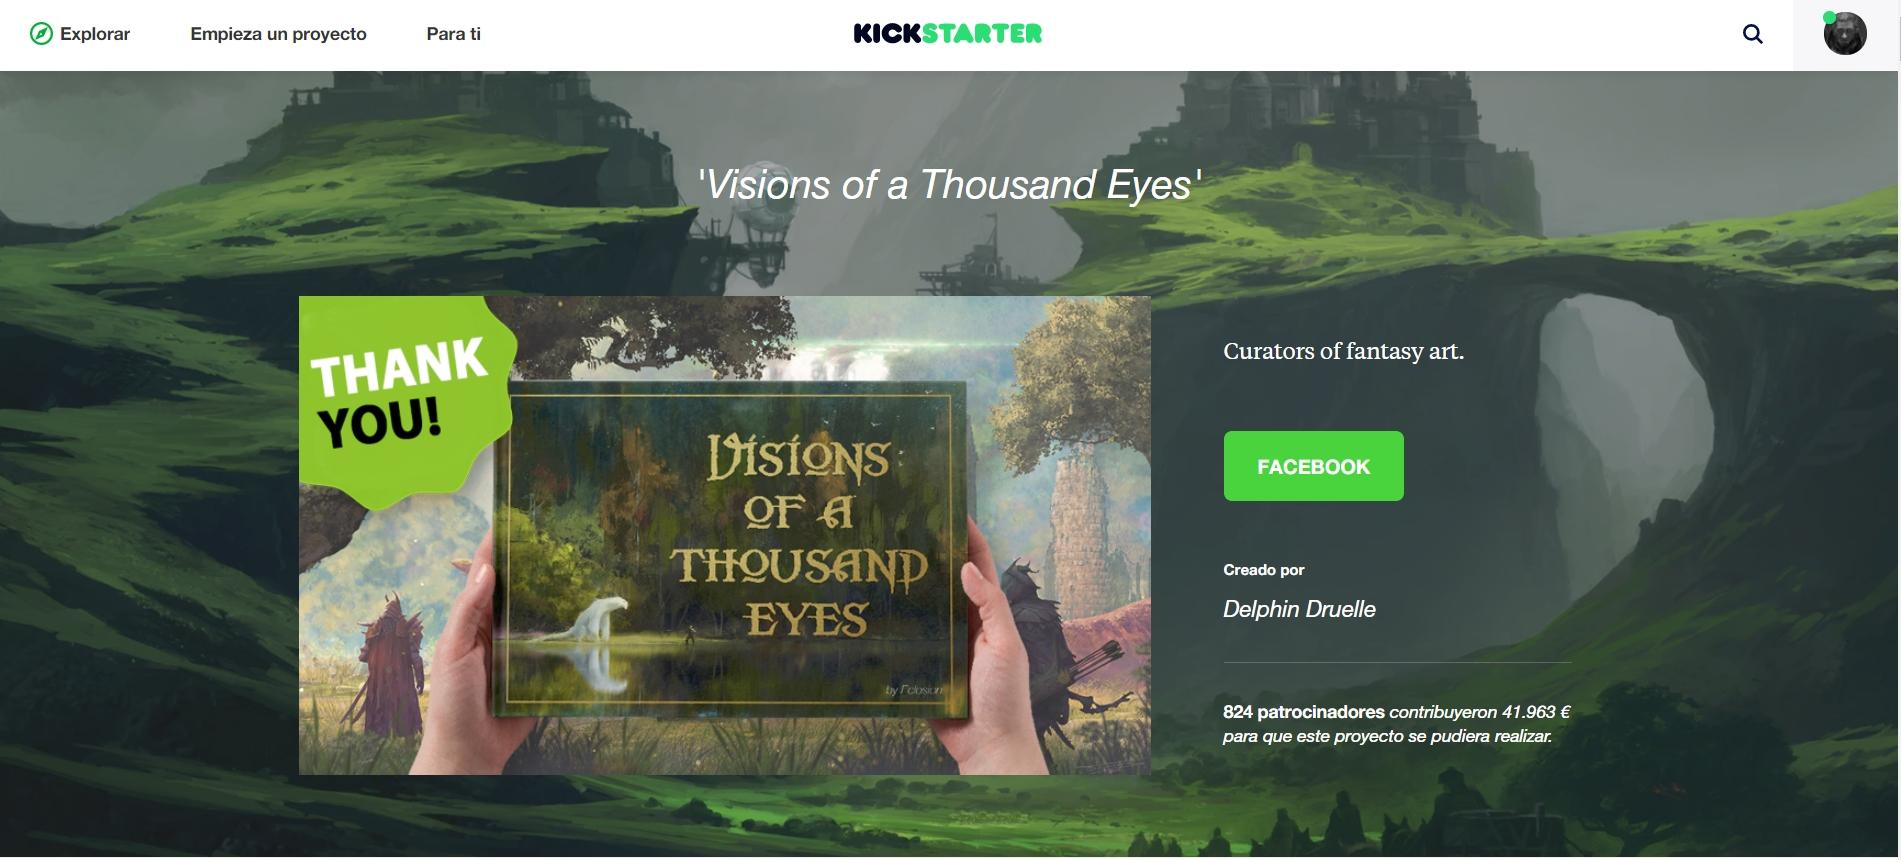 Un proyecto en el cual participé hace poco, un artbook de  fantasy artists.